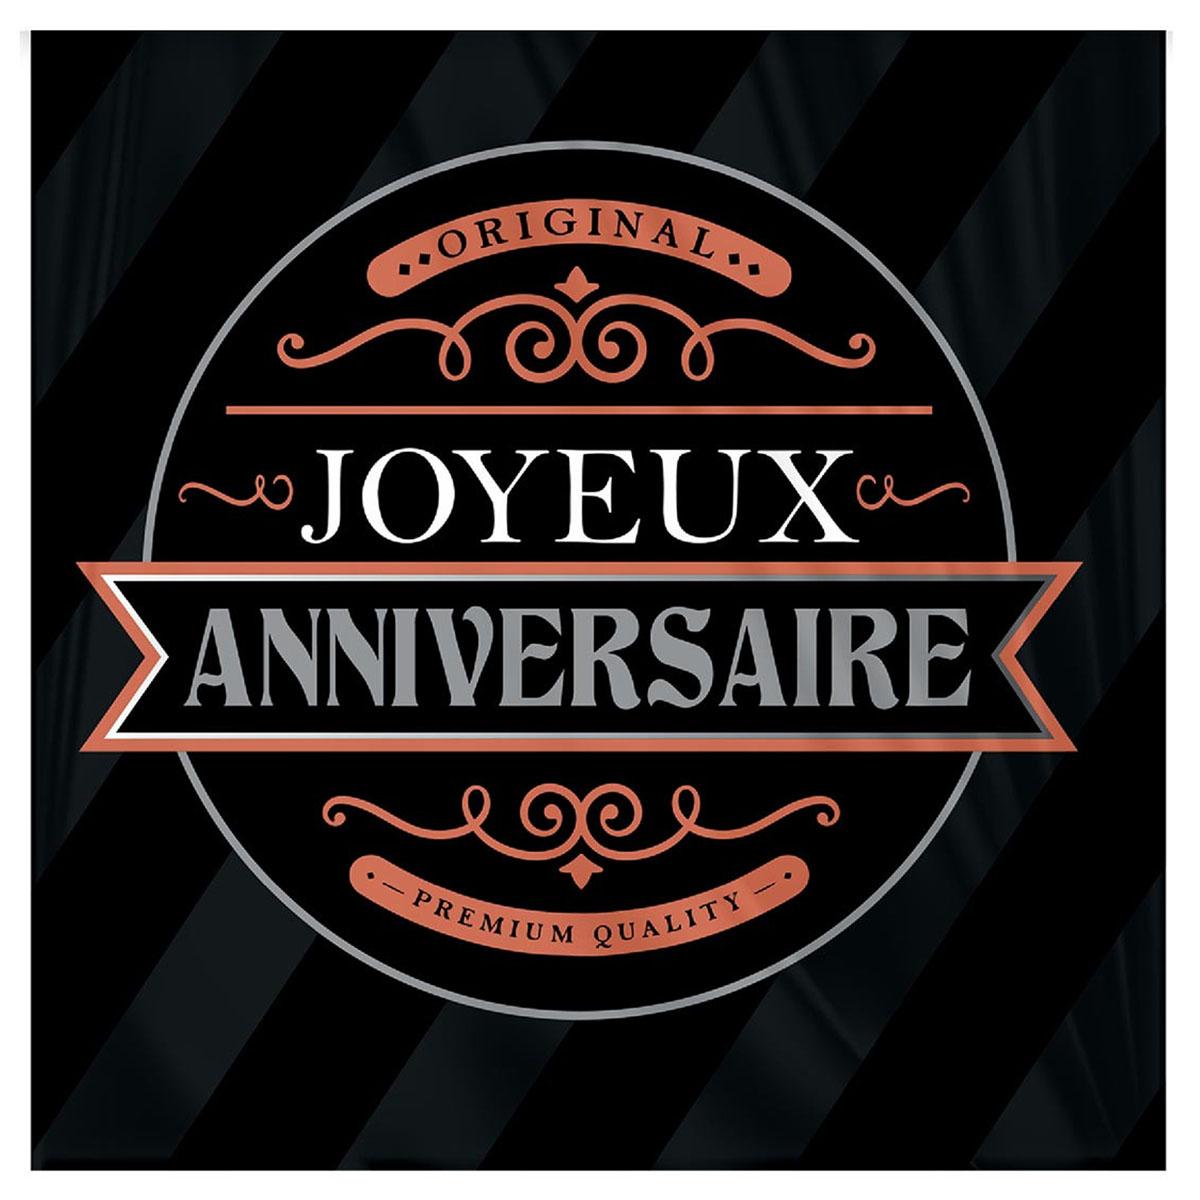 Pack de 12 serviettes en papier \'Joyeux Anniversaire\' noir (original) - 16x16 cm - [A2749]